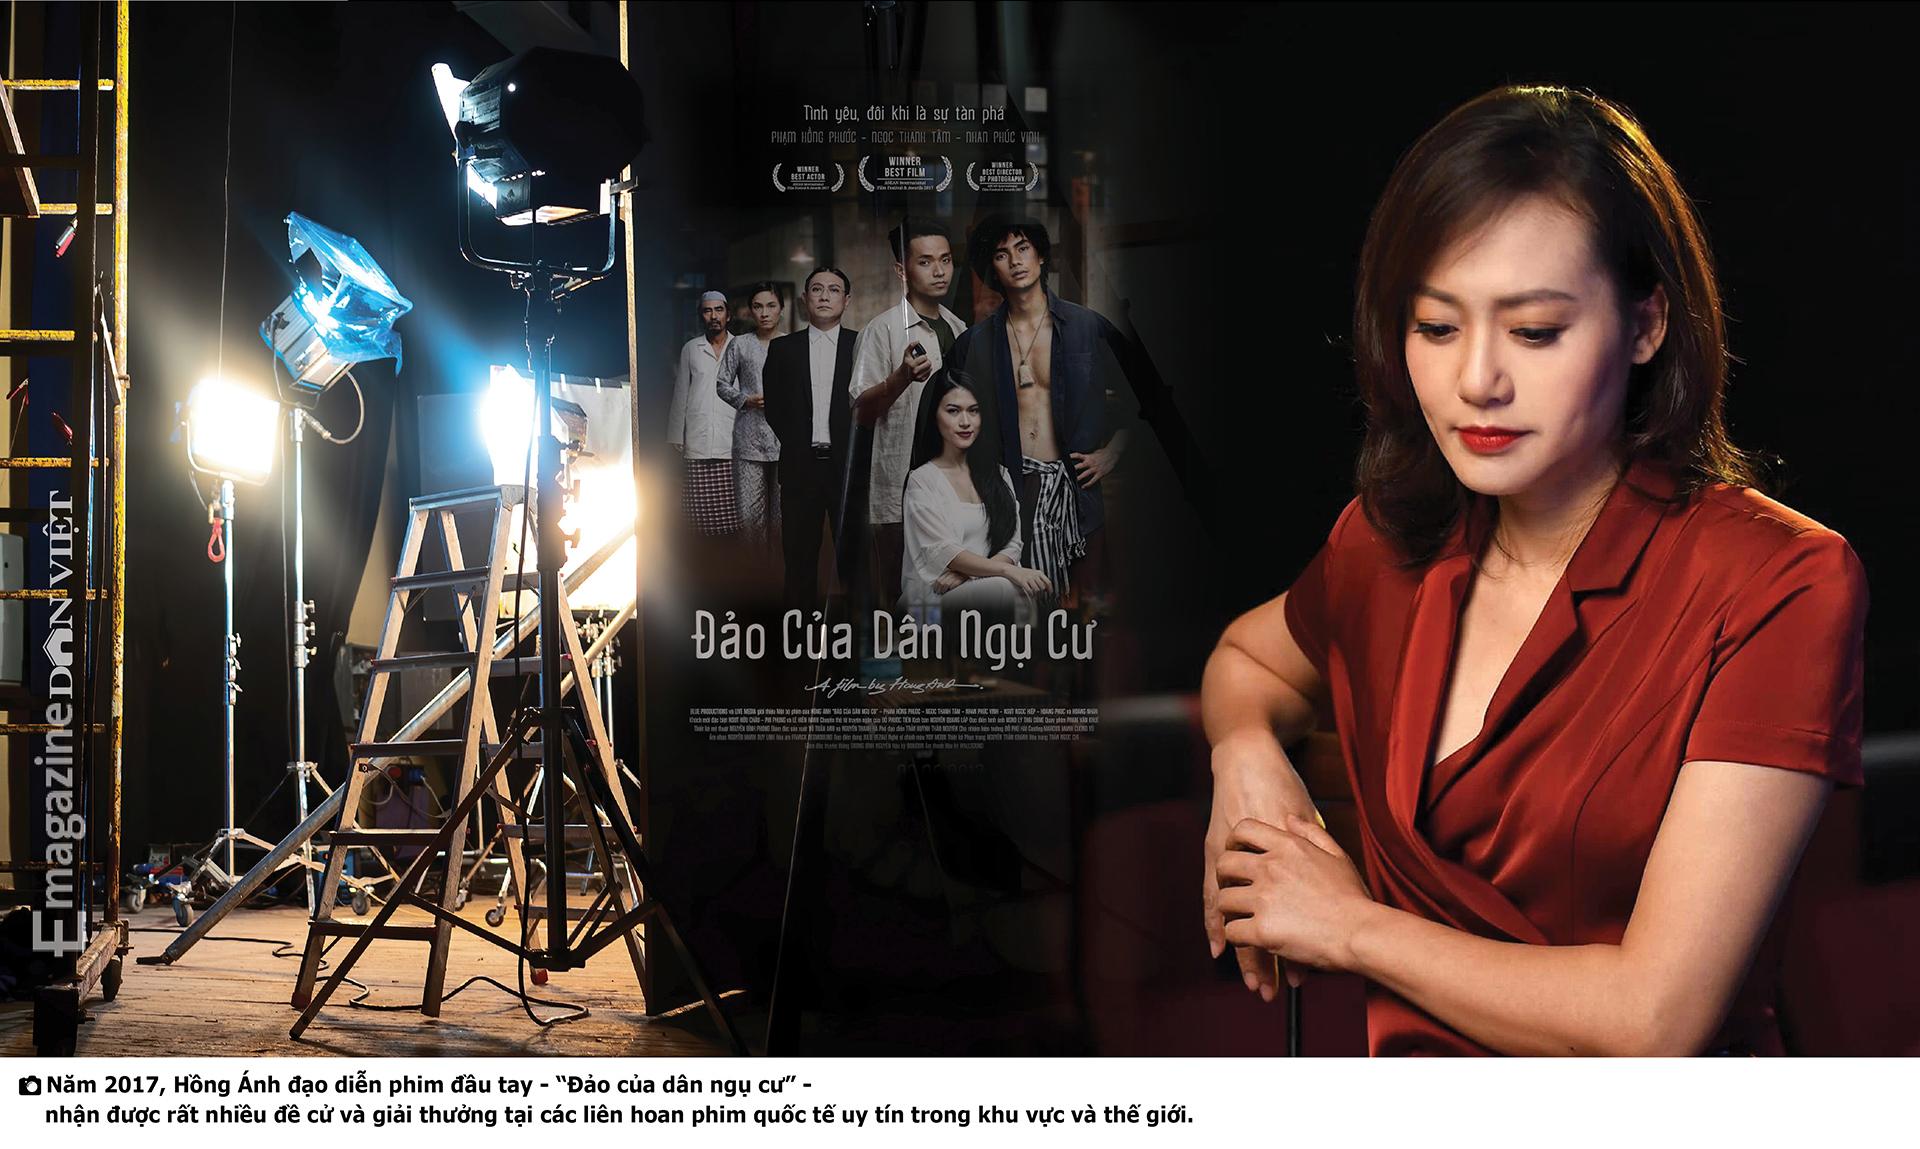 Diễn viên – đạo diễn Hồng Ánh: Tôi có cuộc sống khác biệt với số đông nhưng hạnh phúc theo cách riêng - Ảnh 12.